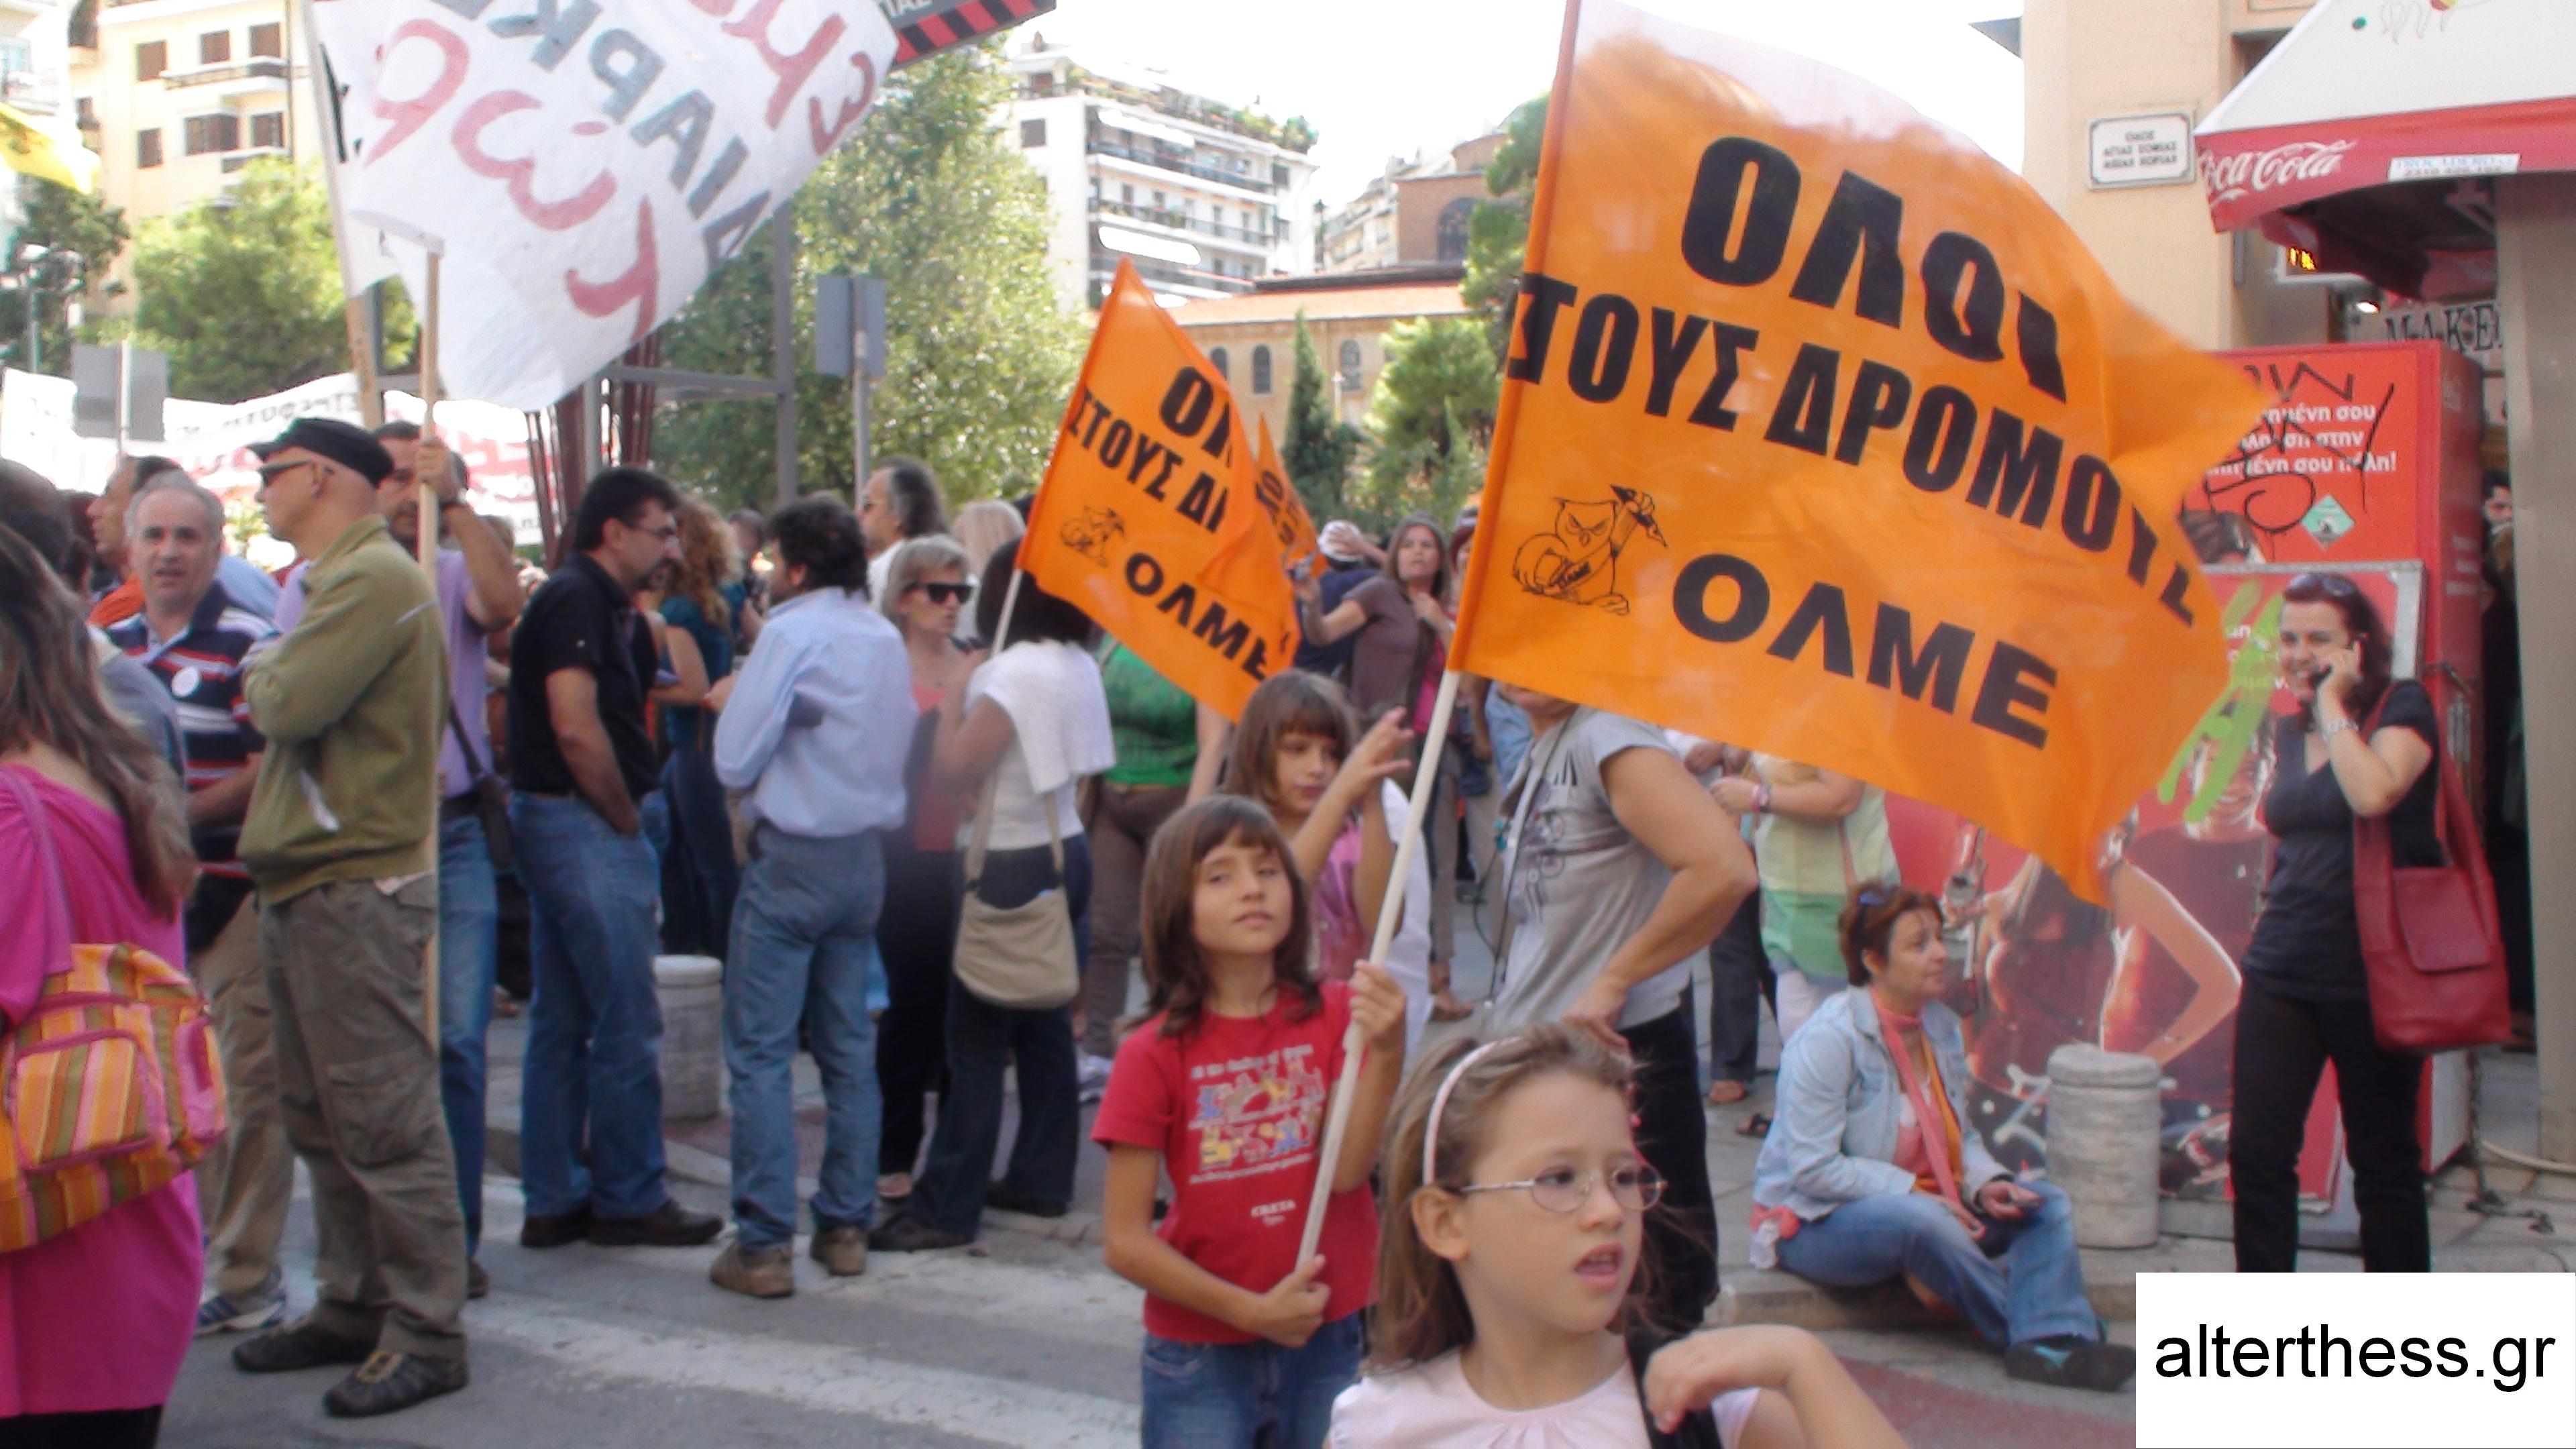 Φωτογραφίες από την προσυγκέντρωση των εκπαιδευτικών στην πλατεία Αγίας Σοφίας